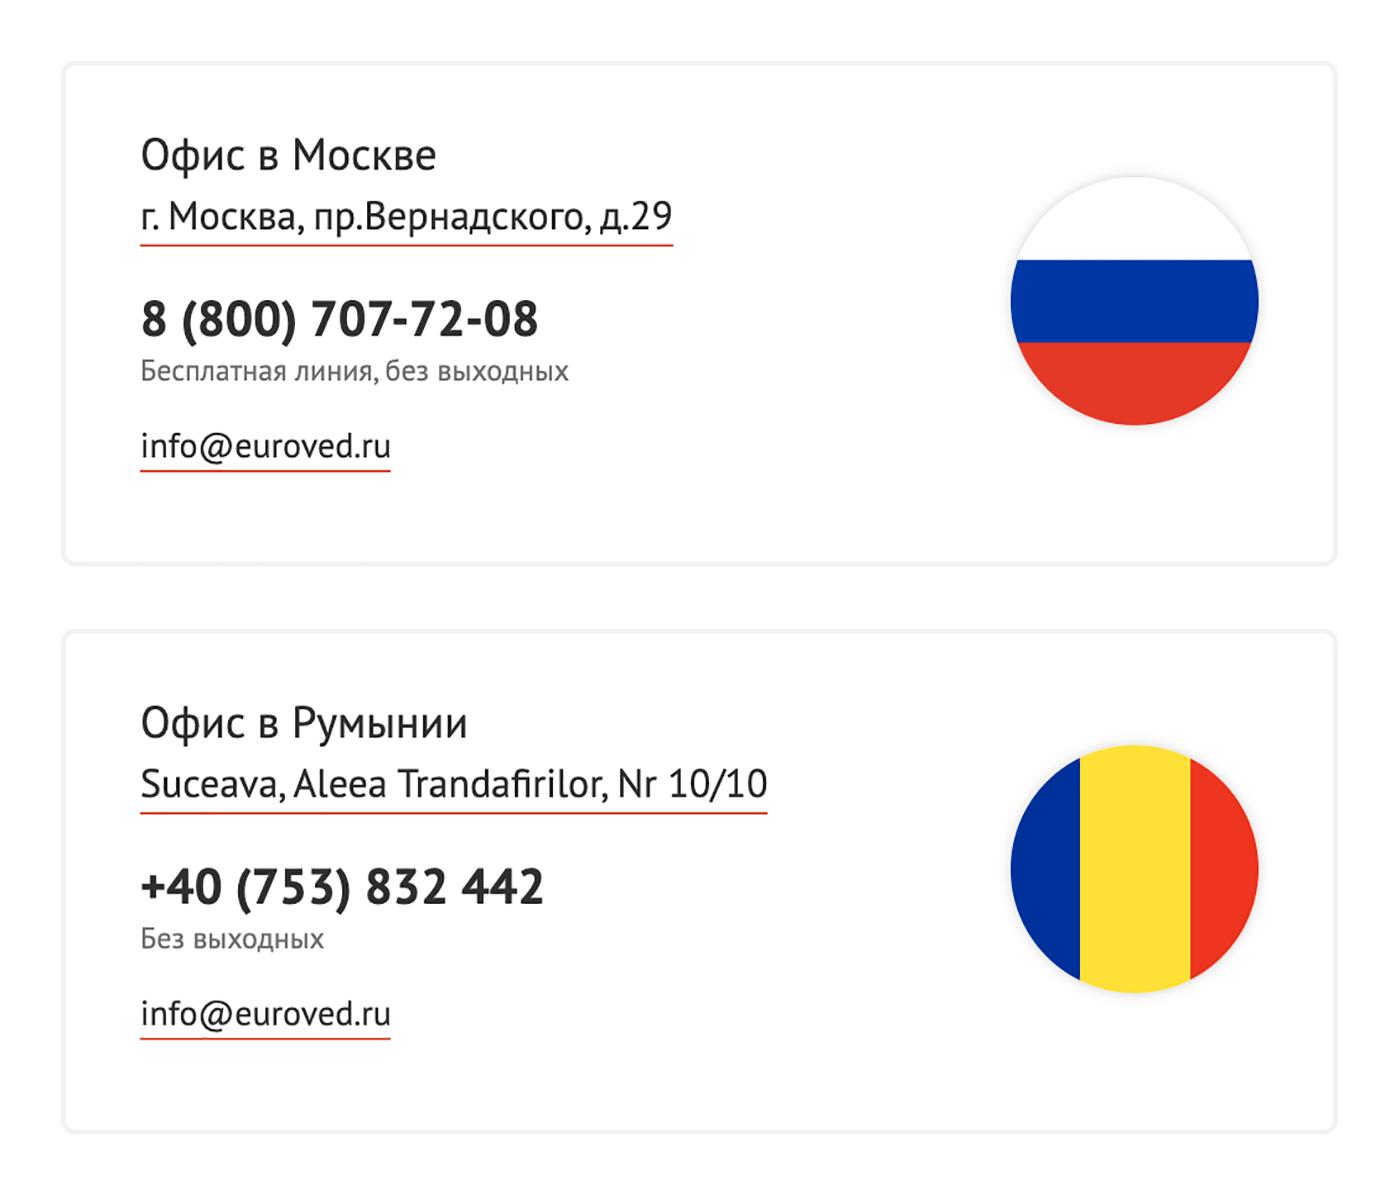 Адреса офисов на сайте «Евроведа». По московскому адресу находится торговый центр. Возможно, наши герои действительно снимают там офис, но «Яндекс-карты» об этом не знают